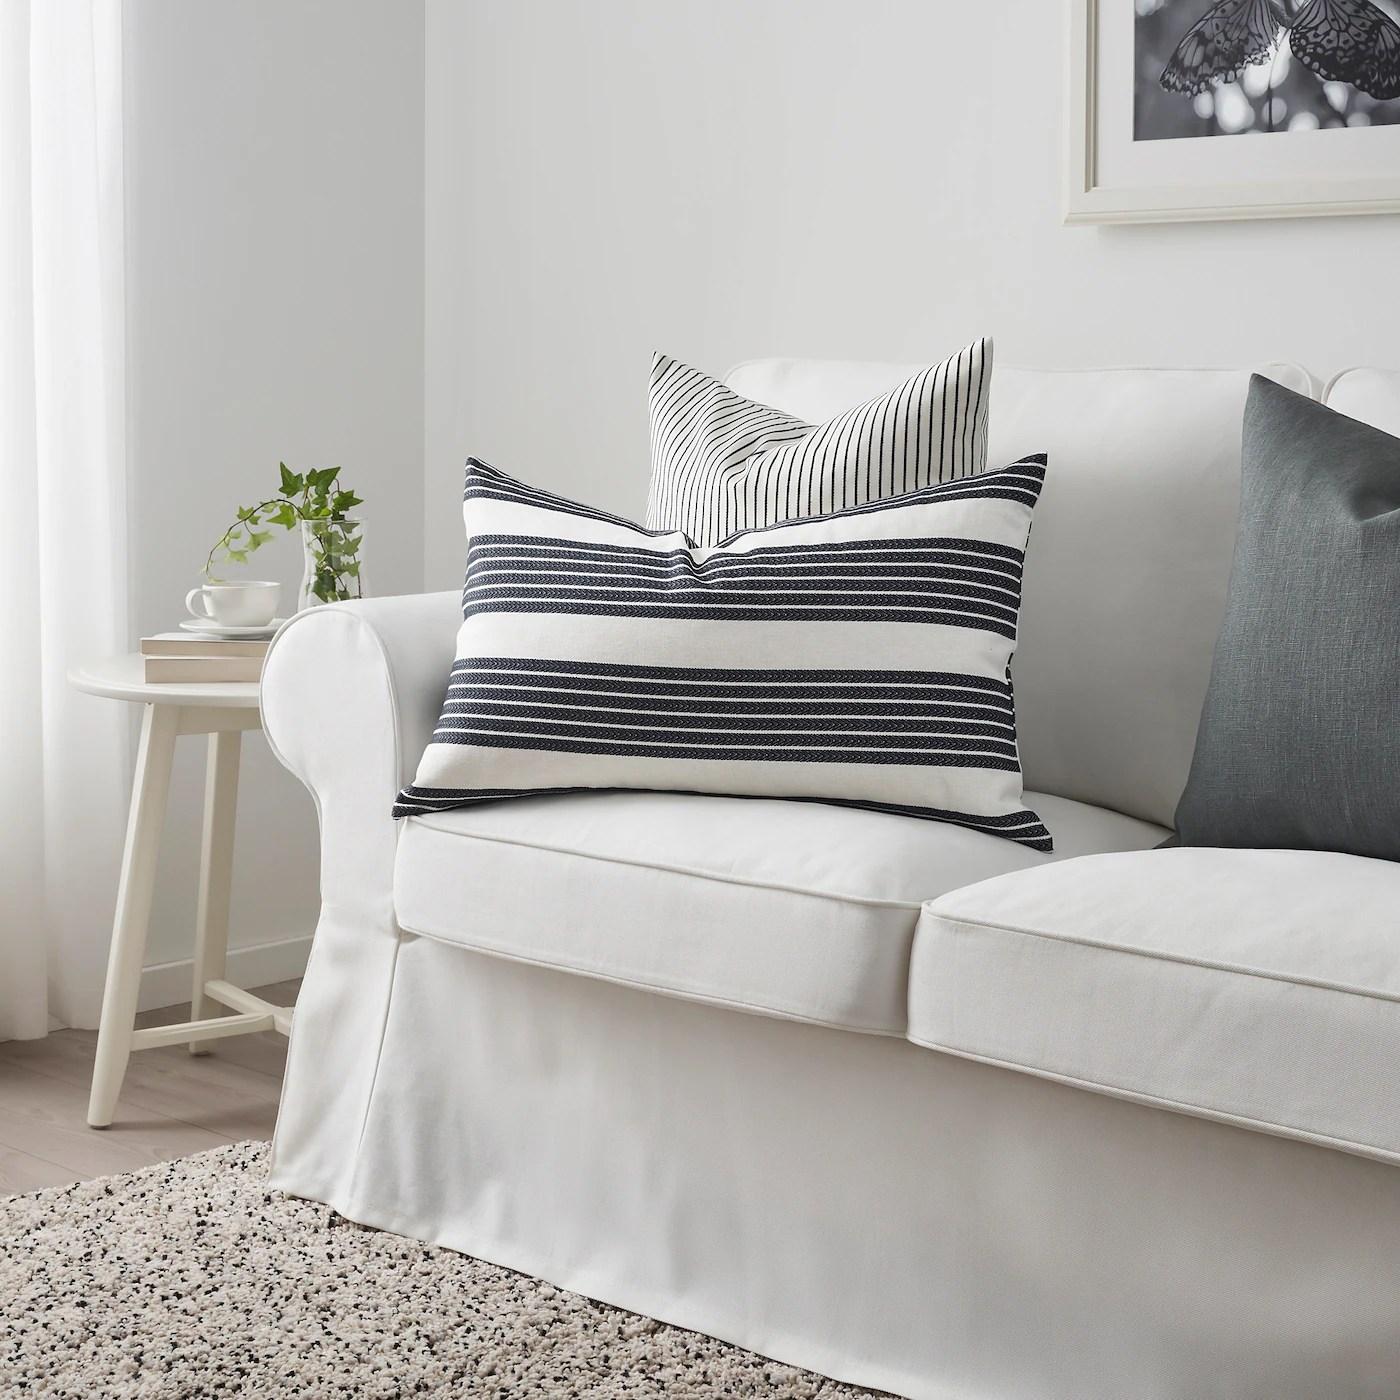 16x26 pillow insert ikea online